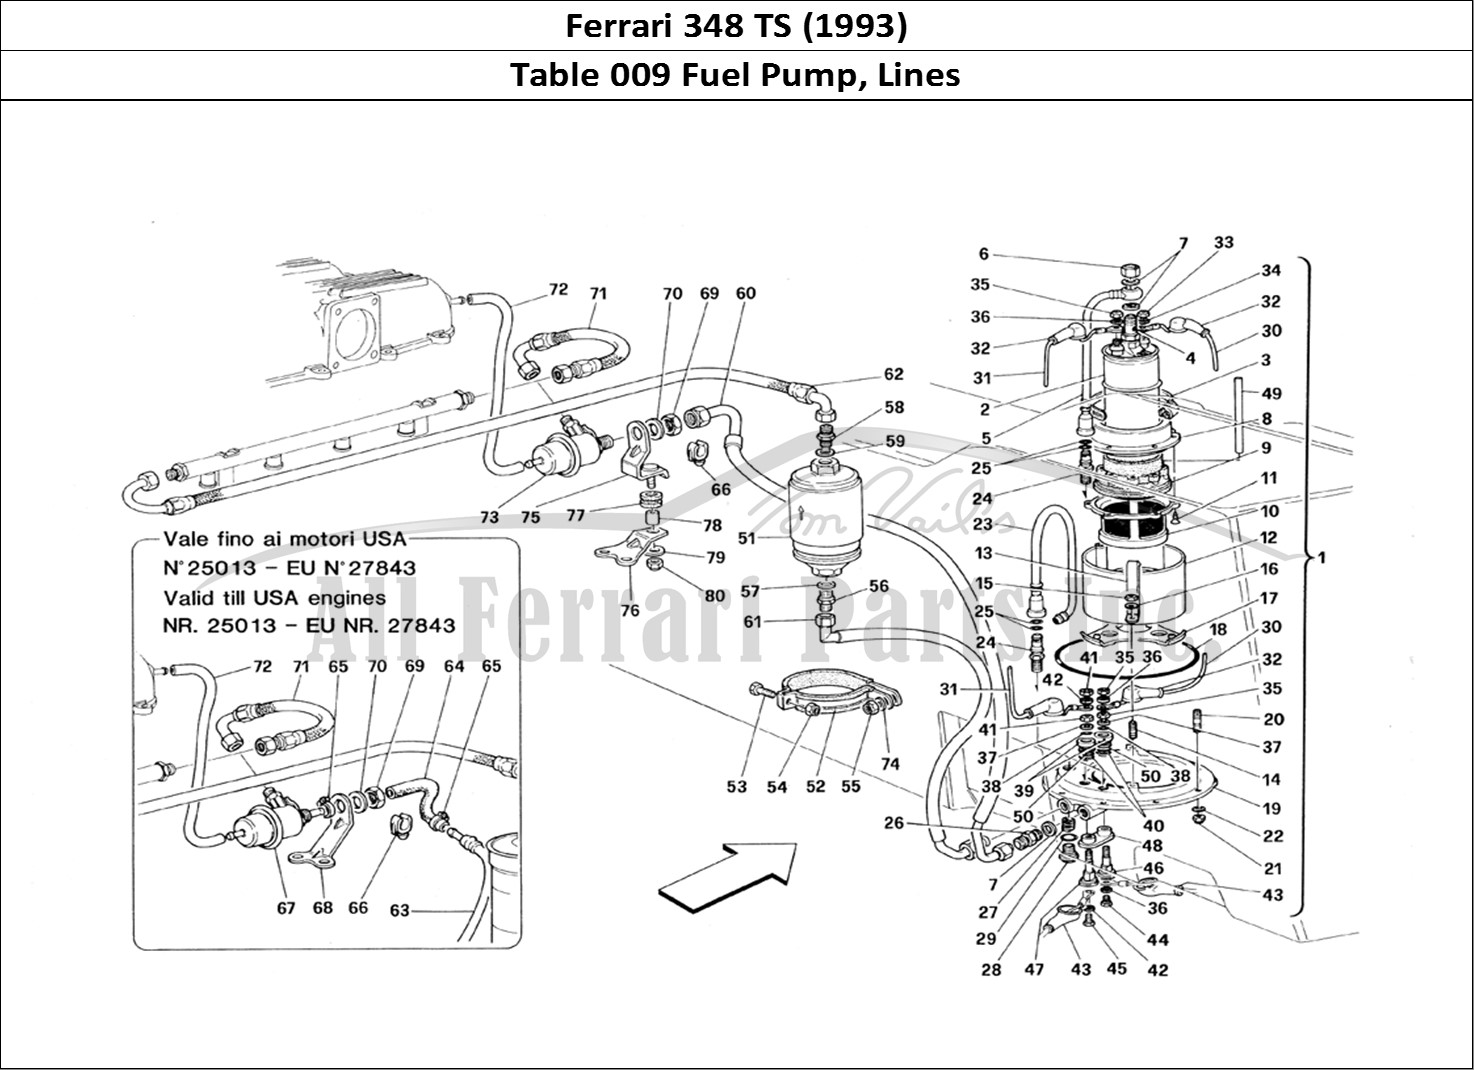 Buy Original Ferrari 348 Ts 009 Fuel Pump Lines